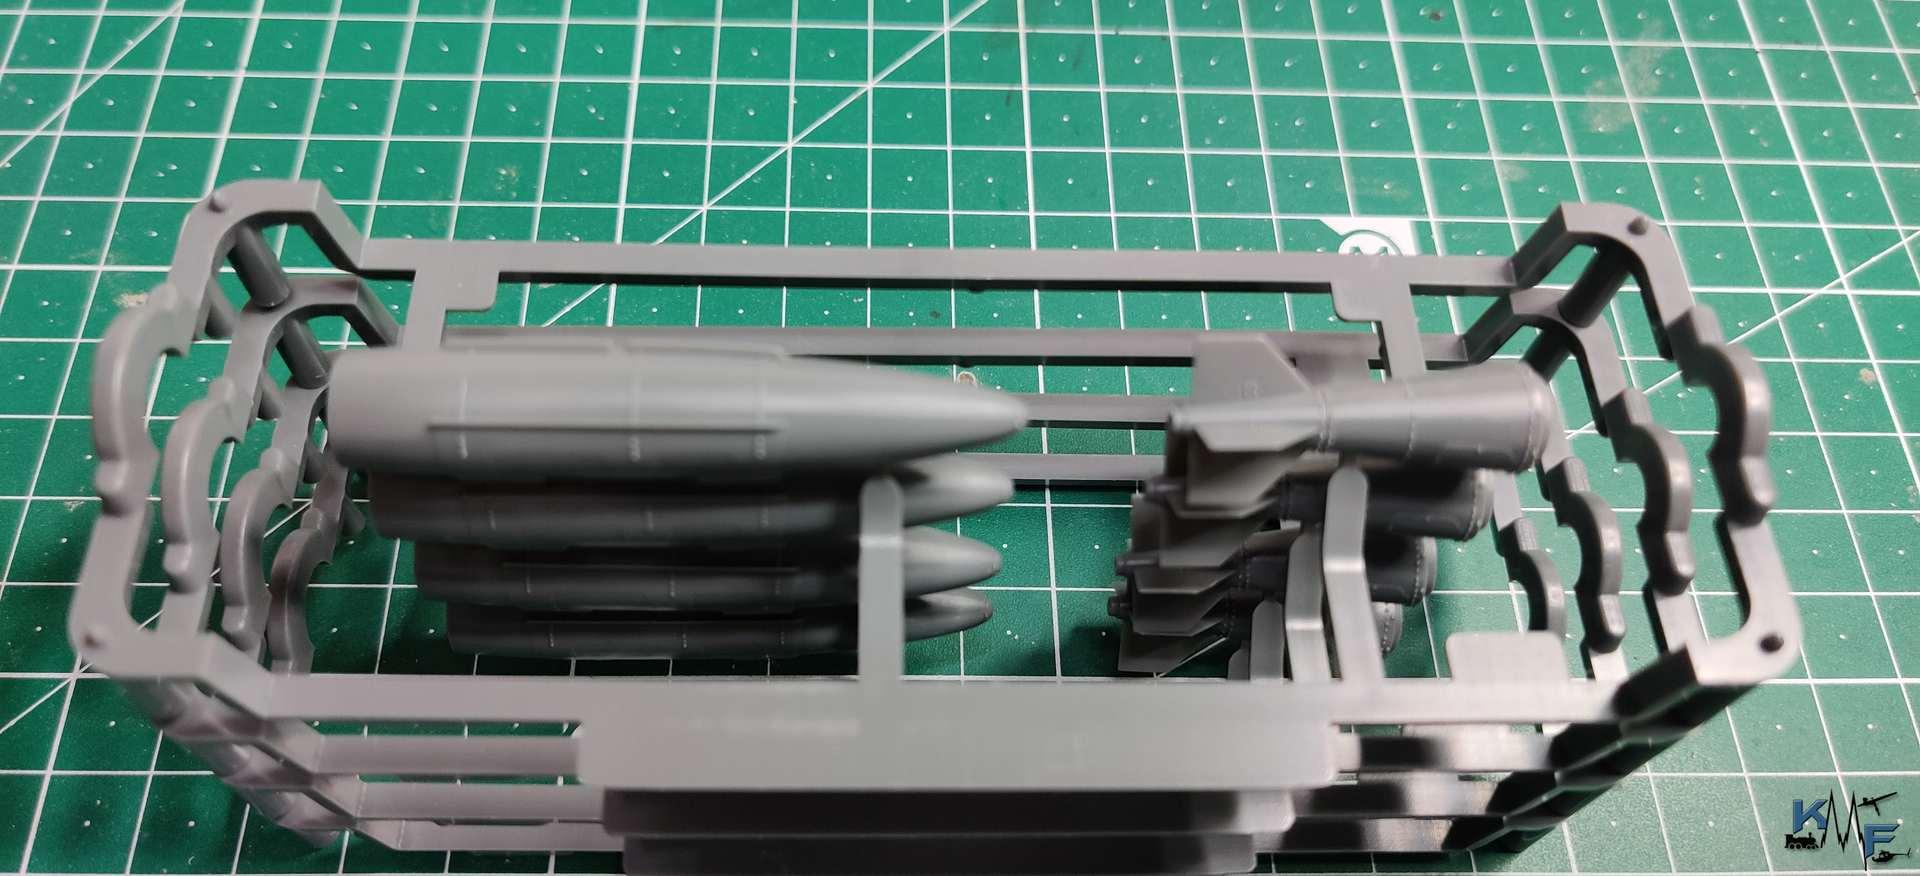 BV-AMK-F-14D_046.jpg